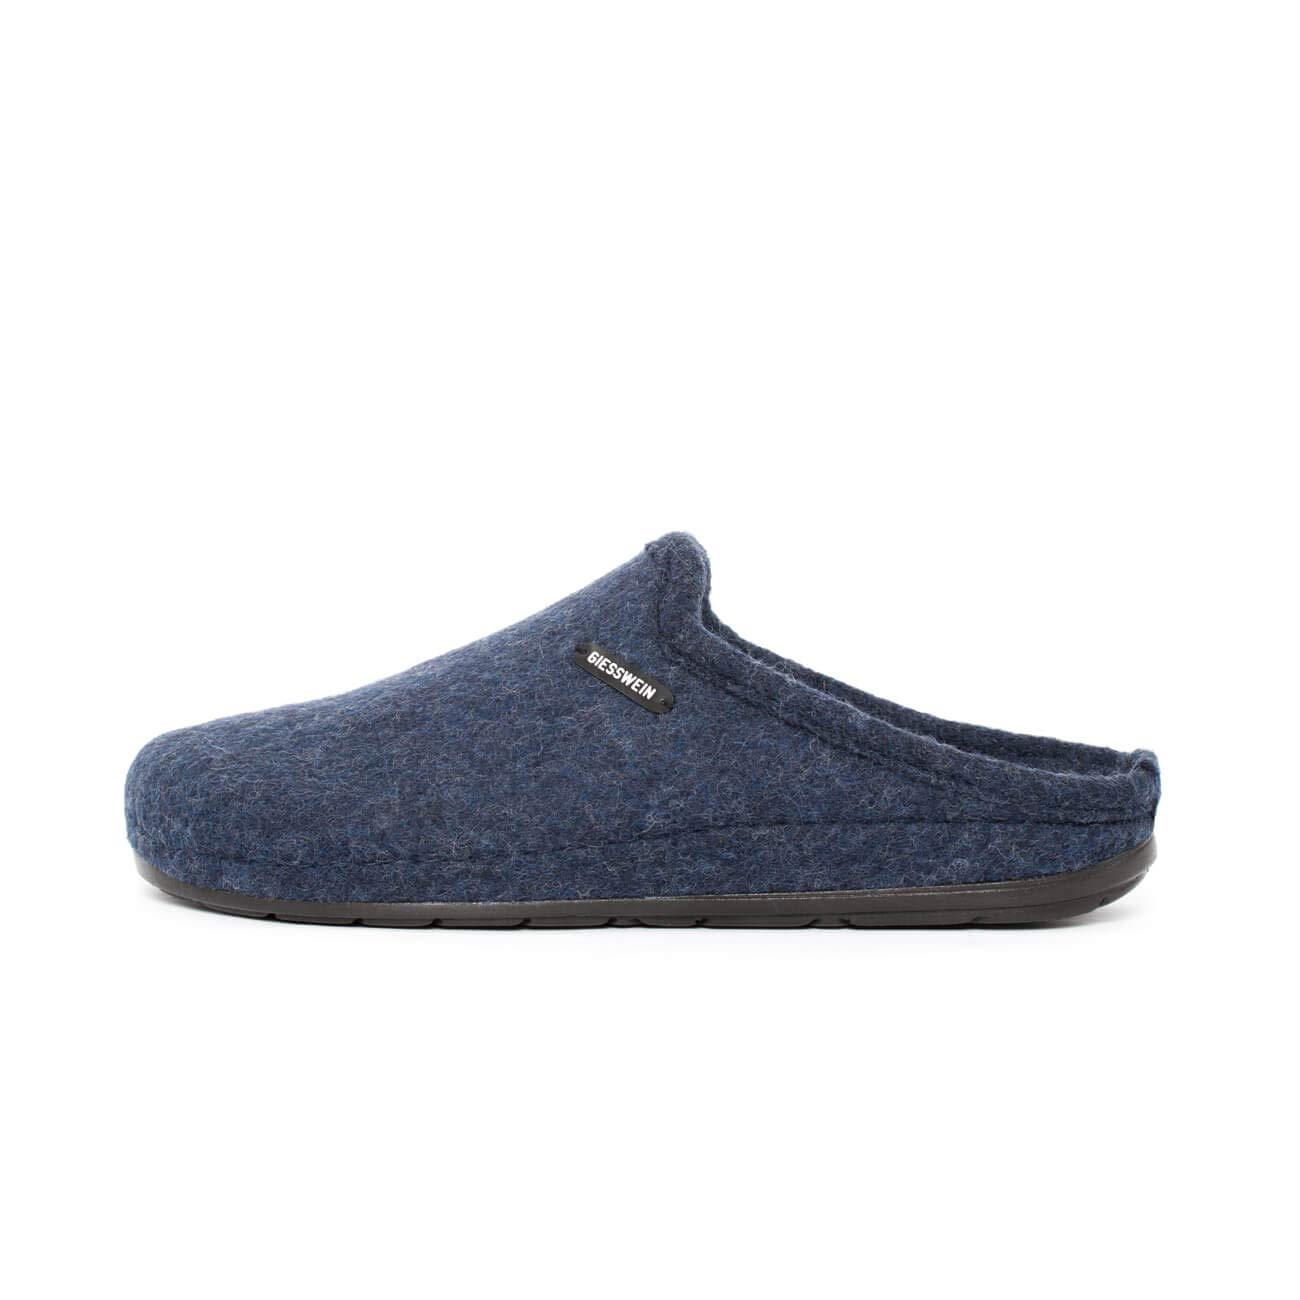 Blau (Nachtblau 514) GIESSWeiß Herren Jabel Pantoffeln